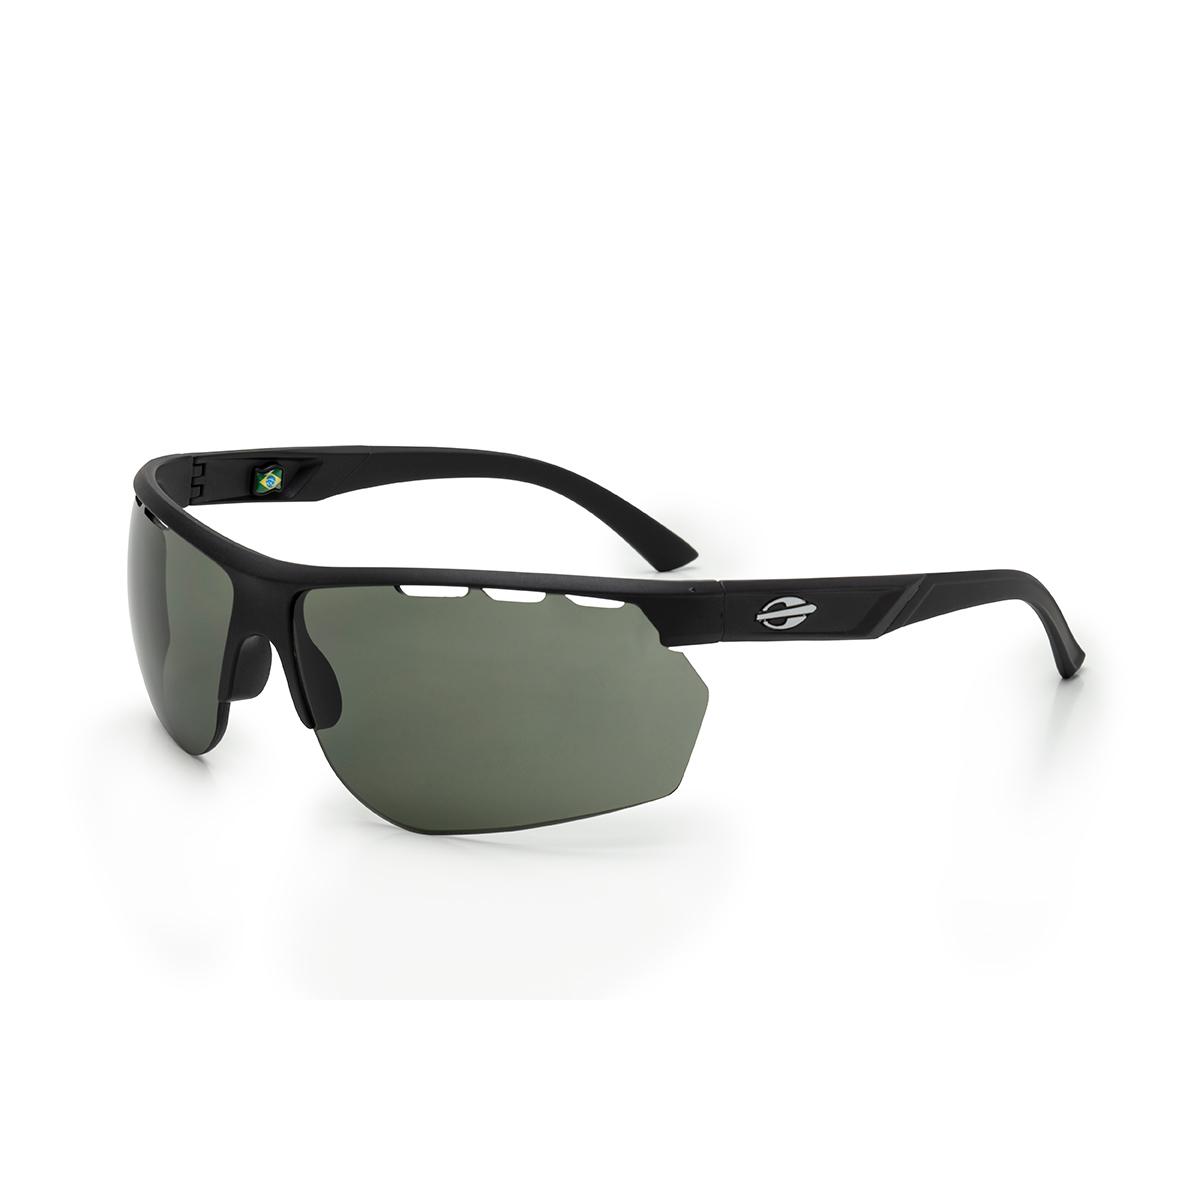 Óculos de Sol Mormaii Thunder Masculino Preto M0078A1471 fb4951dca9